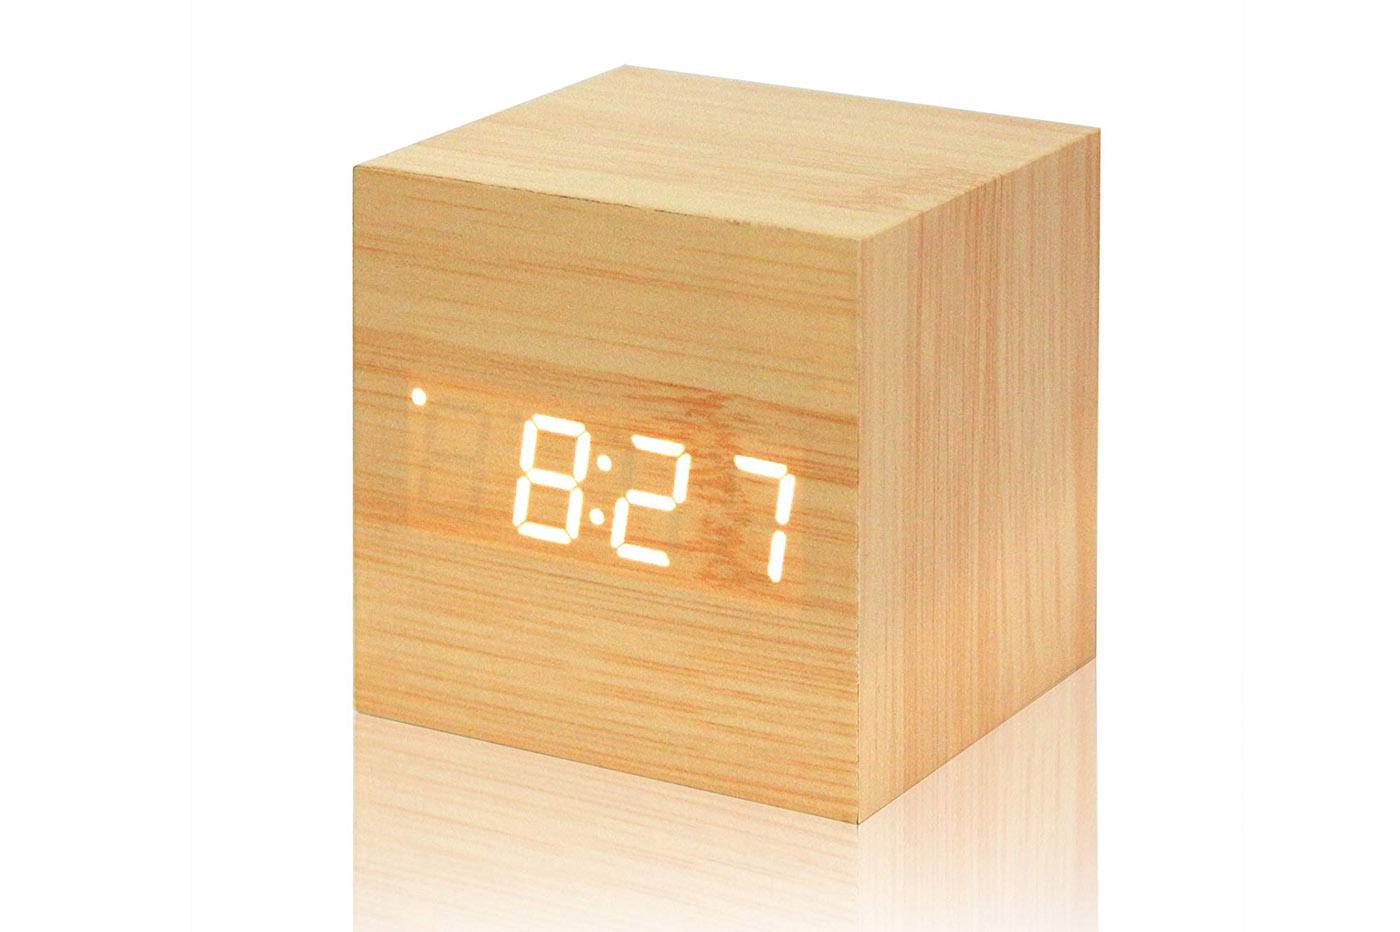 DFCD Moda Creativa Formula Matematica Sveglia Scienza e Tecnologia Orologio da Tavolo Sveglia in Legno Orologio da Comodino Orologio Pigro Sveglia Decorazione di mobili Orologio da Tavolo Silenzioso